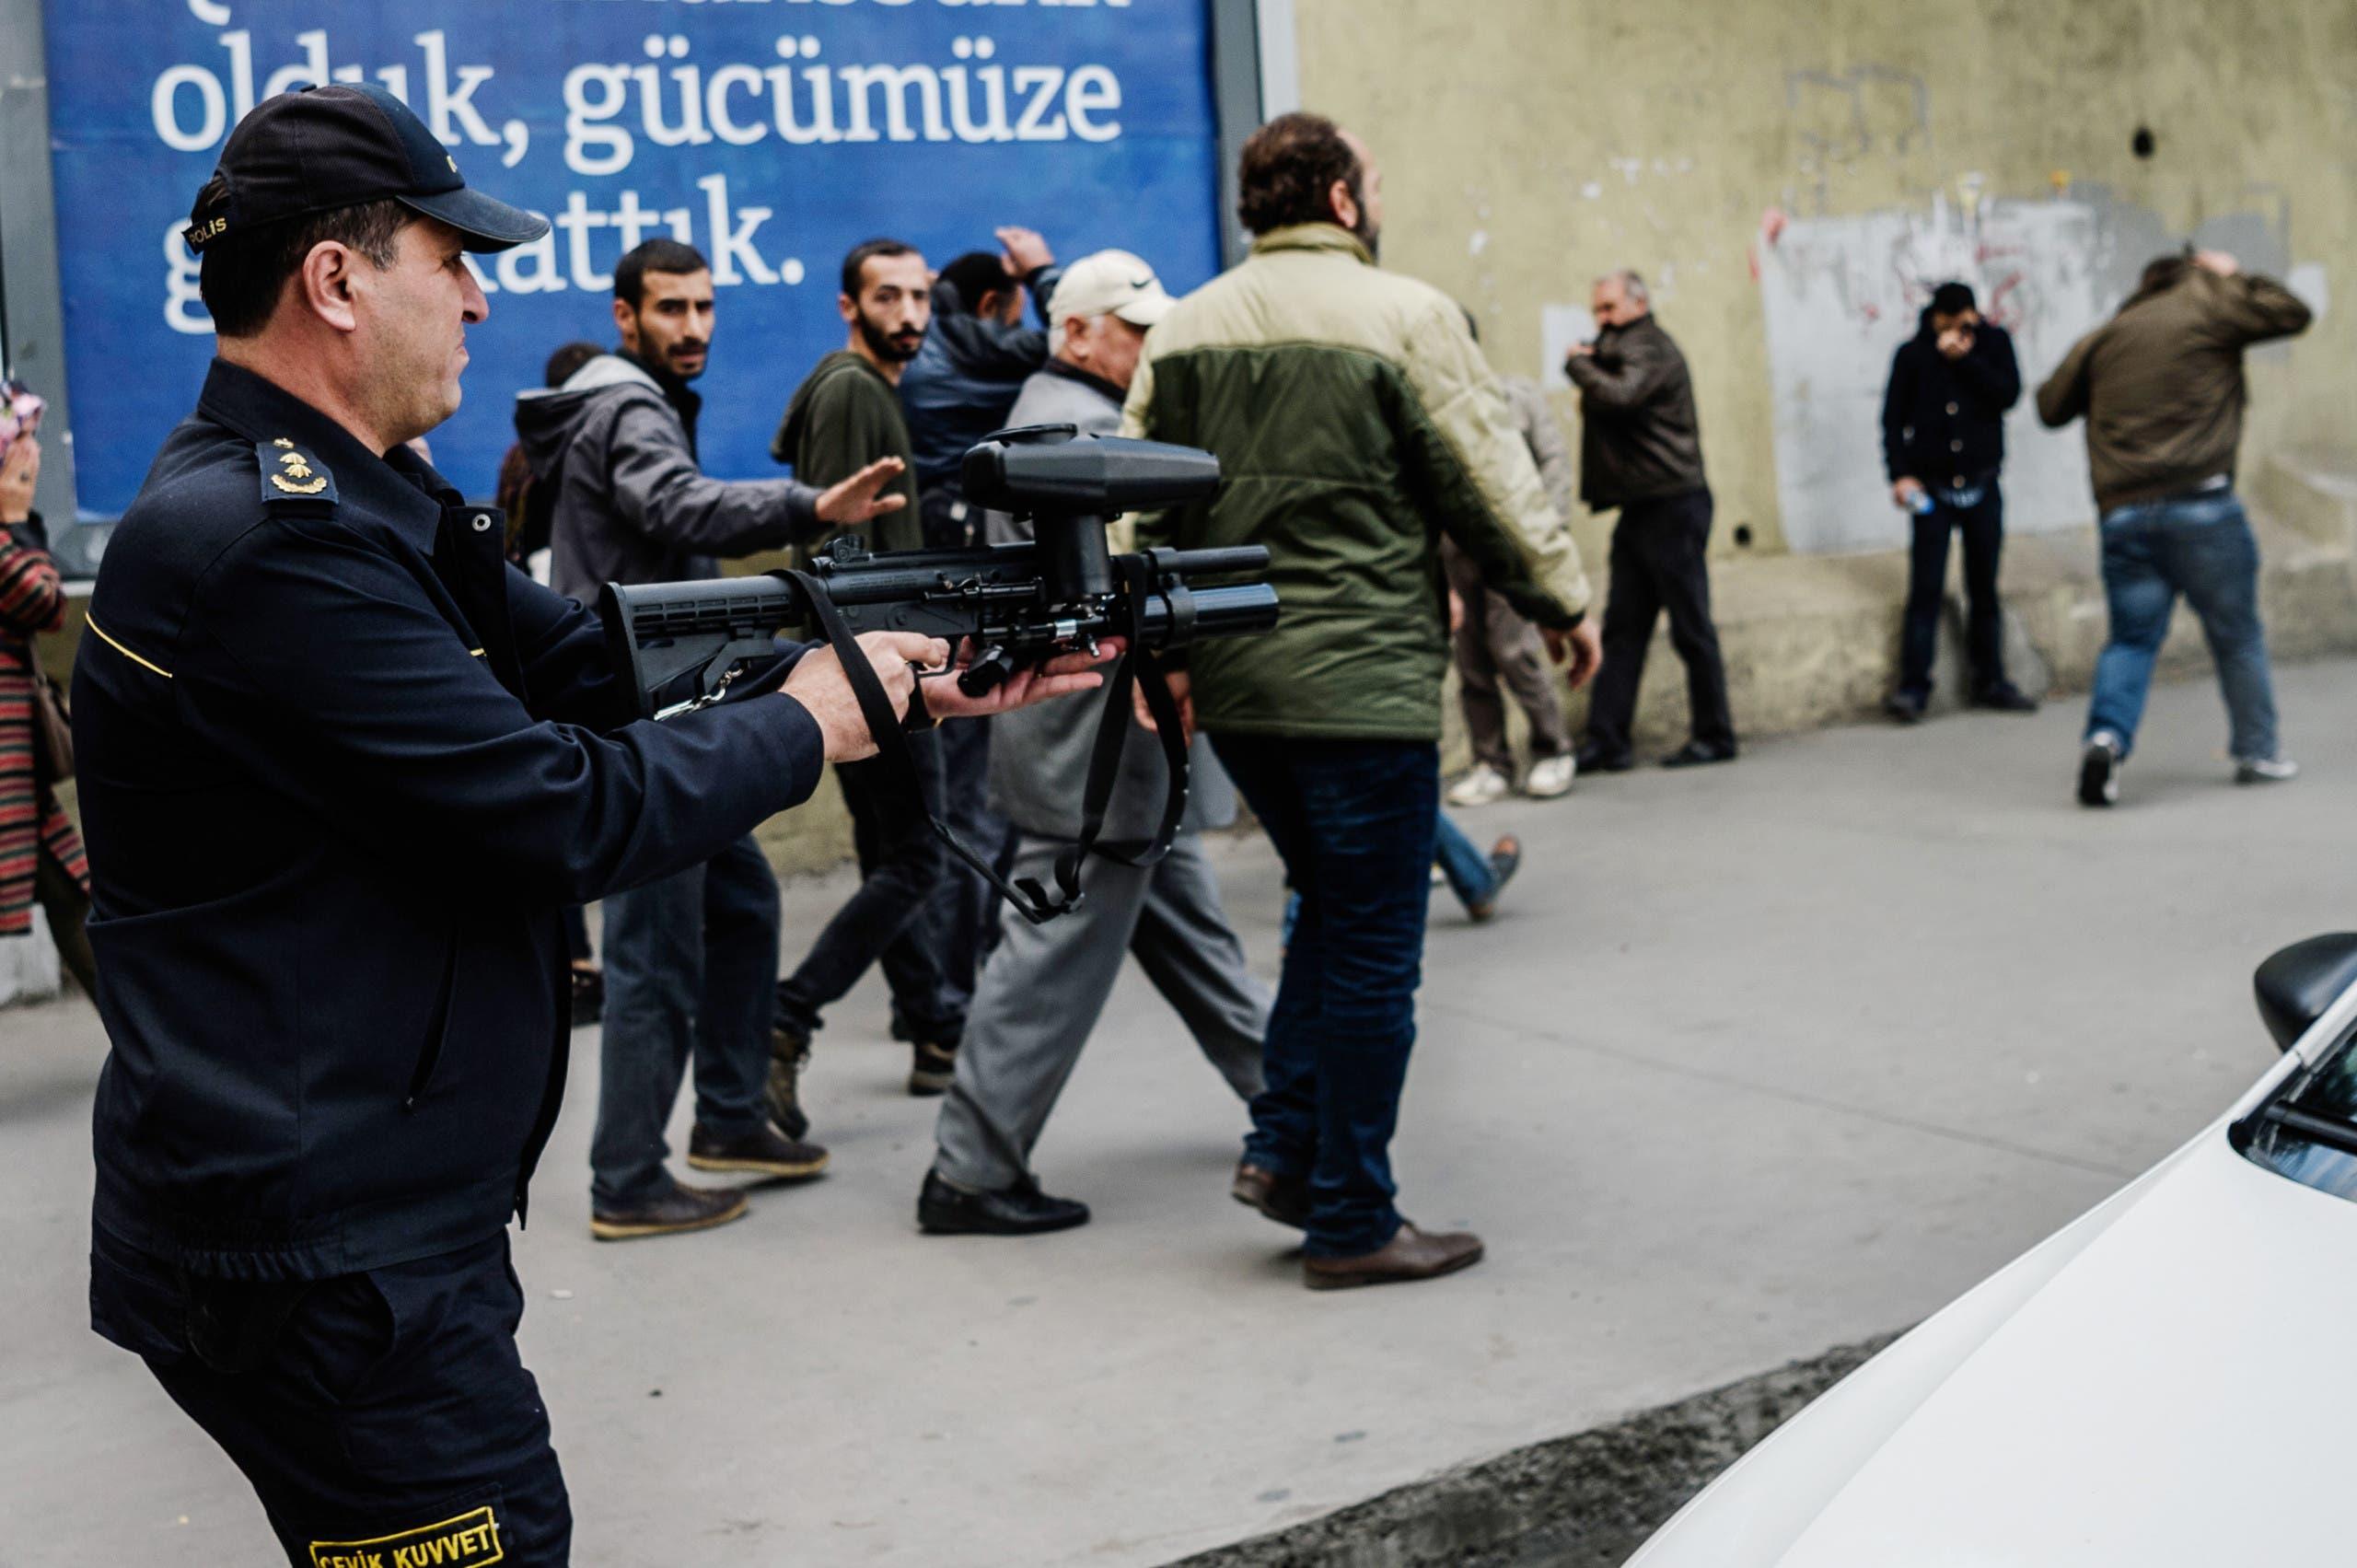 اشتباكات بين الشرطة وحزب الشعوب الديمقراطي في ديار بكر في 2016